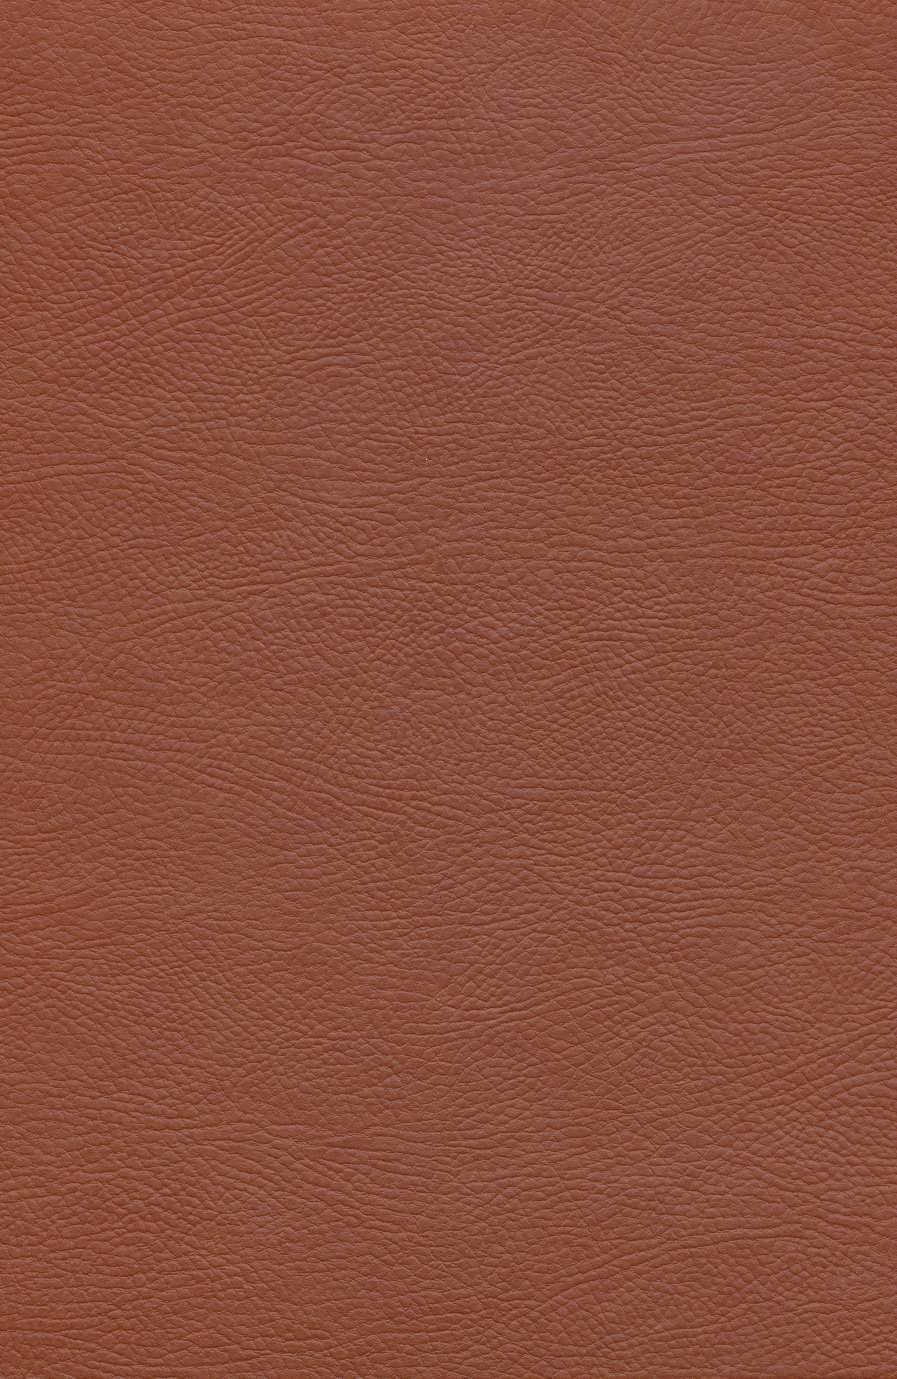 بوستان سعدی (سه لتی،گلاسه،چرم،لیزری)